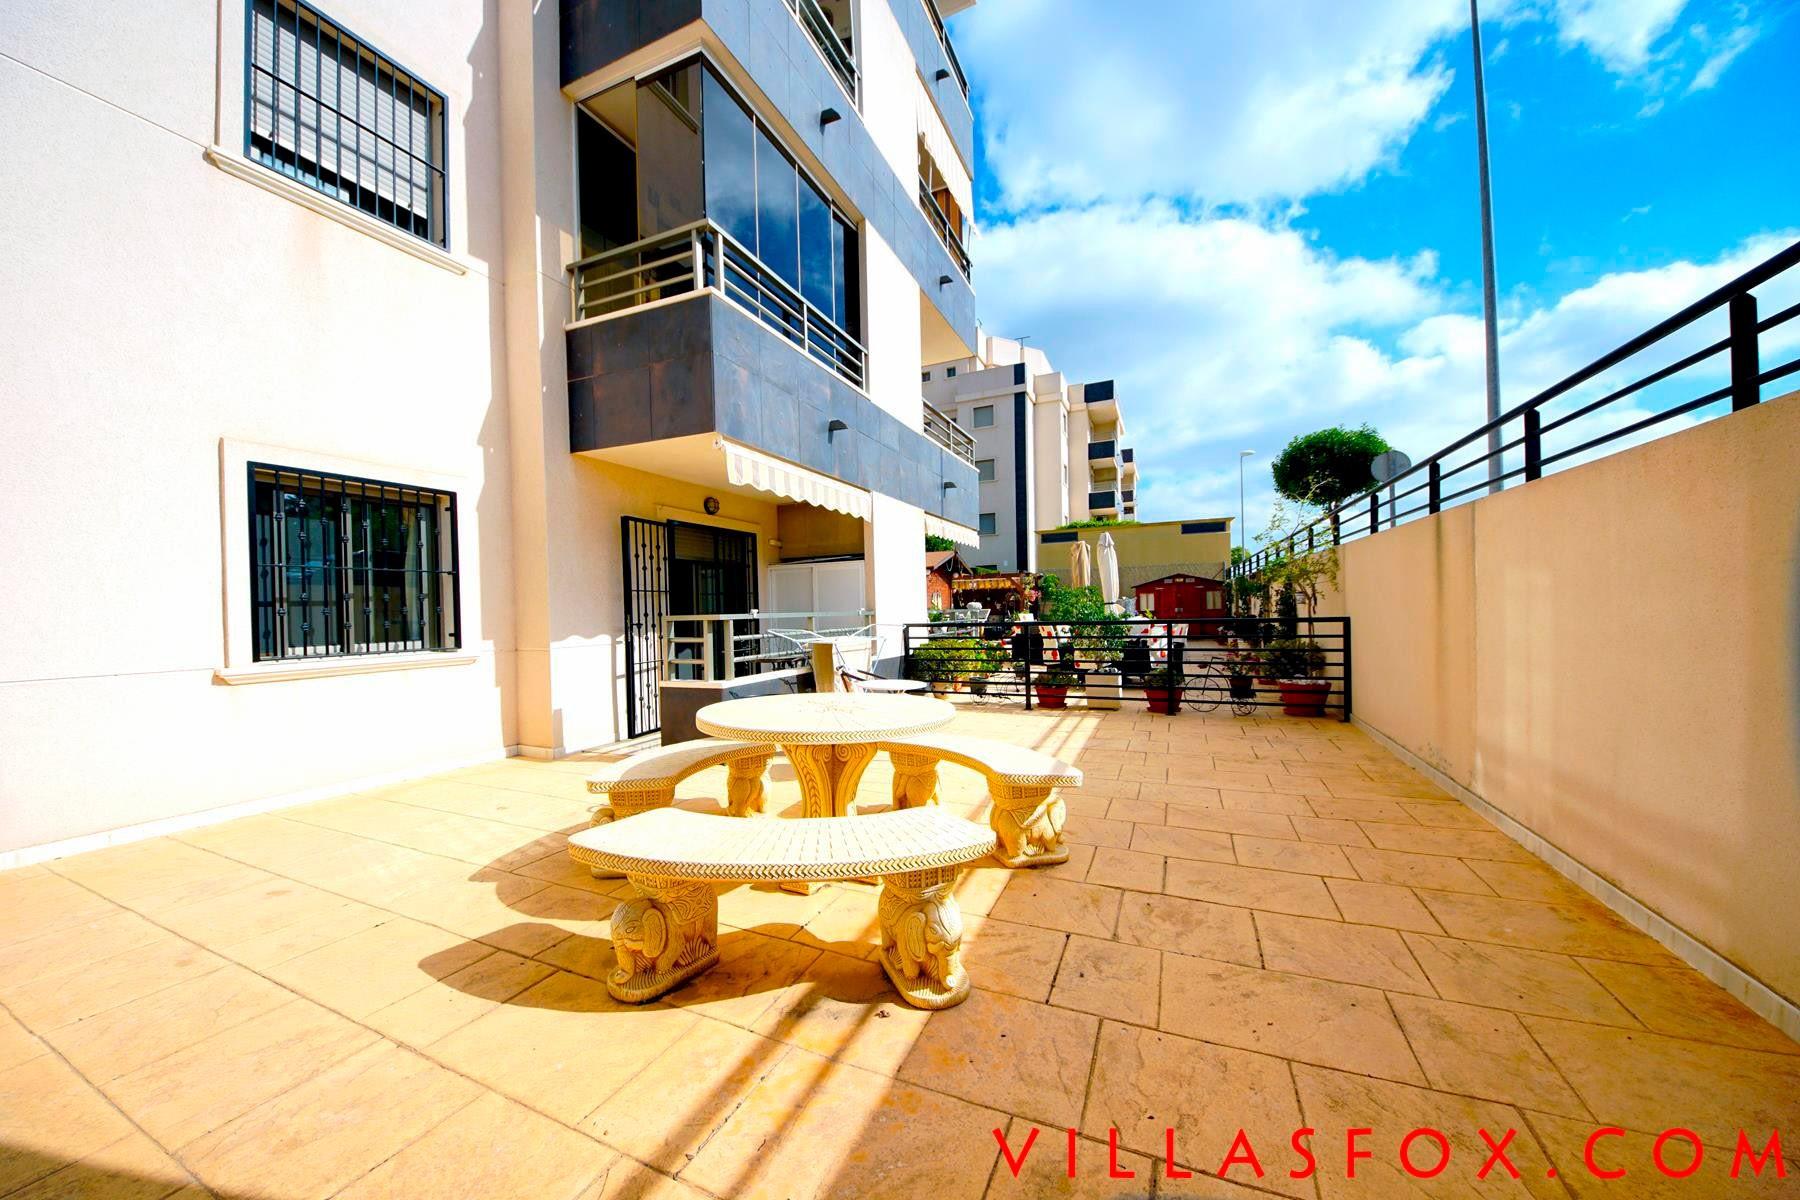 Residencial Angelina, San Miguel de Salinas, ground-floor apartment with patio garden